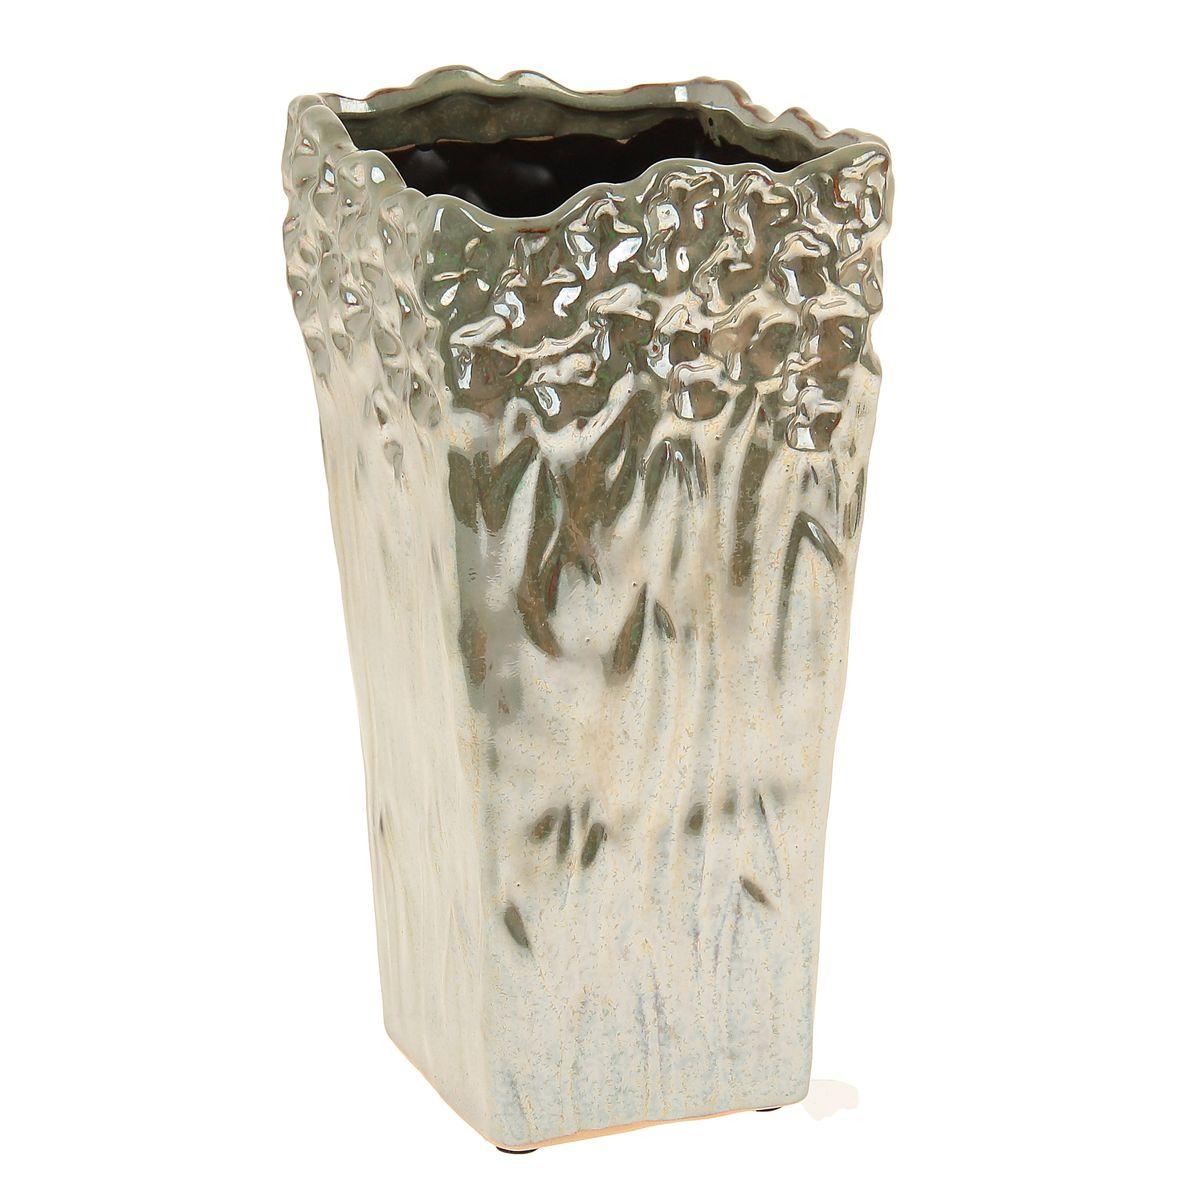 Ваза Sima-land Перелив, высота 23,5 см863614Ваза Sima-land Перелив изготовлена из высококачественной керамики и оснащена антискользящими накладками на дне. Такая стильная ваза с легкостьювпишется практически в любой интерьер. Она станет изумительным подарком, которыйдоставит радость, ведь это не только красивый, но еще и функциональный презент.